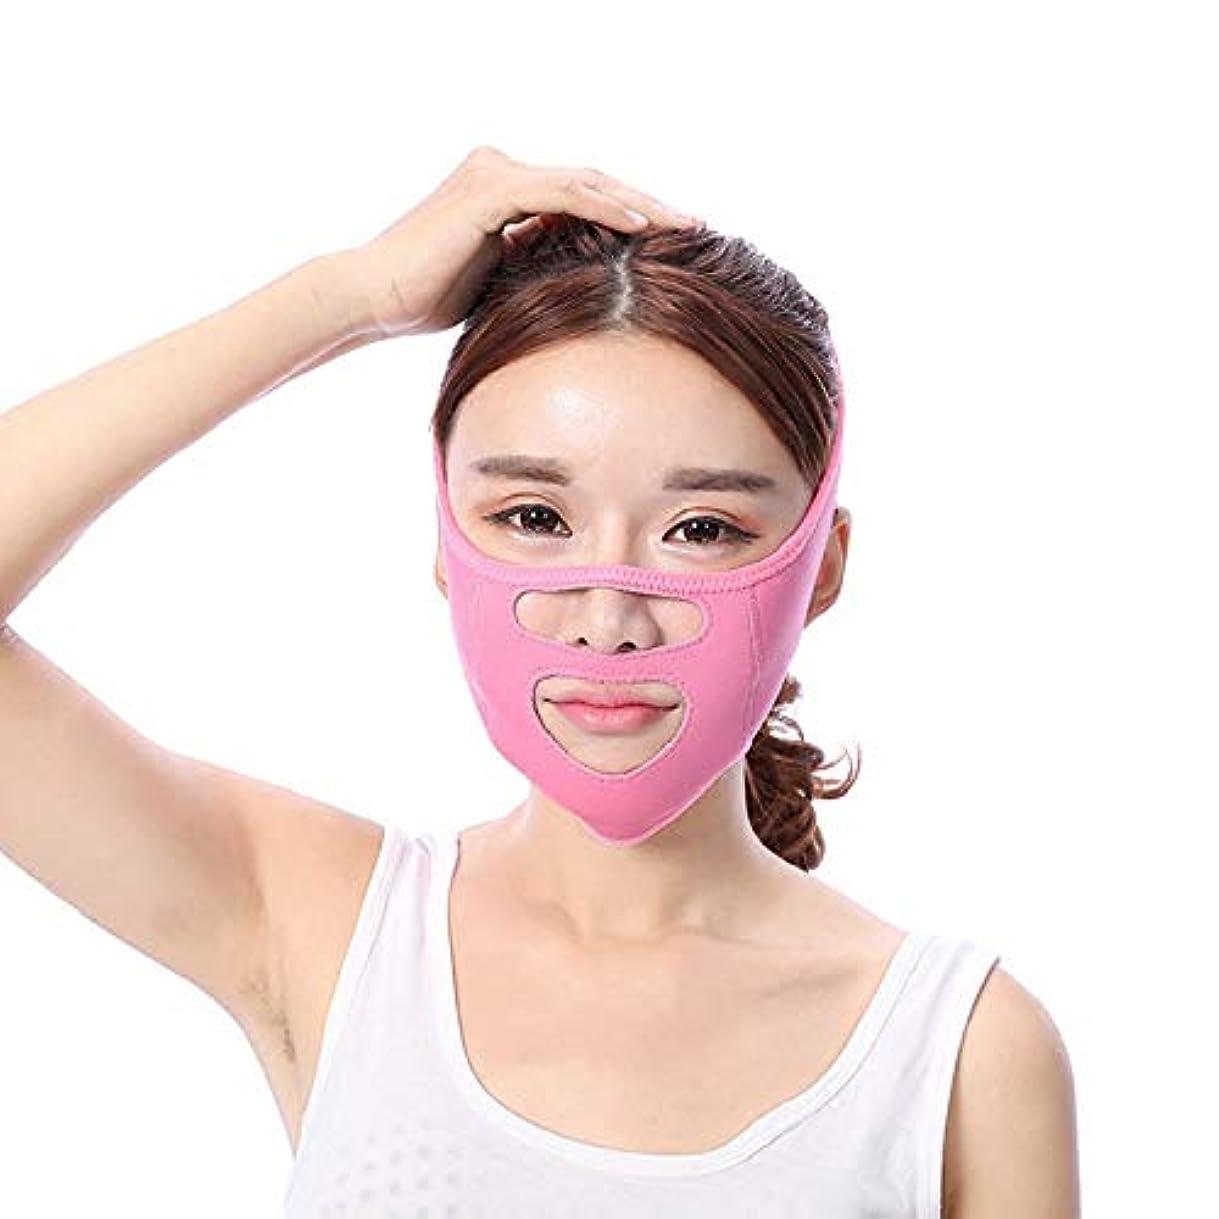 彼のお世話になったはねかける顔の持ち上がる痩身ベルト - あなたの顔のための素晴らしいトレーニング二重あごのワークアウトフェイスマスクベルト薄い顔包帯整形マスクは顔と首を締めますフェイススリム